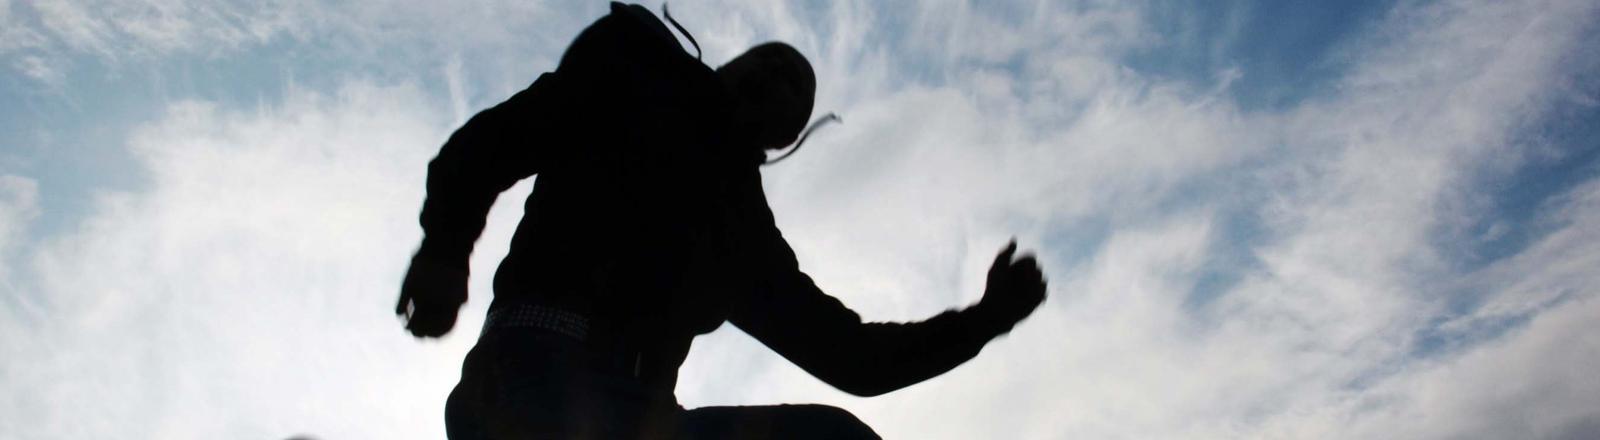 Ein Mann springt in der Luft